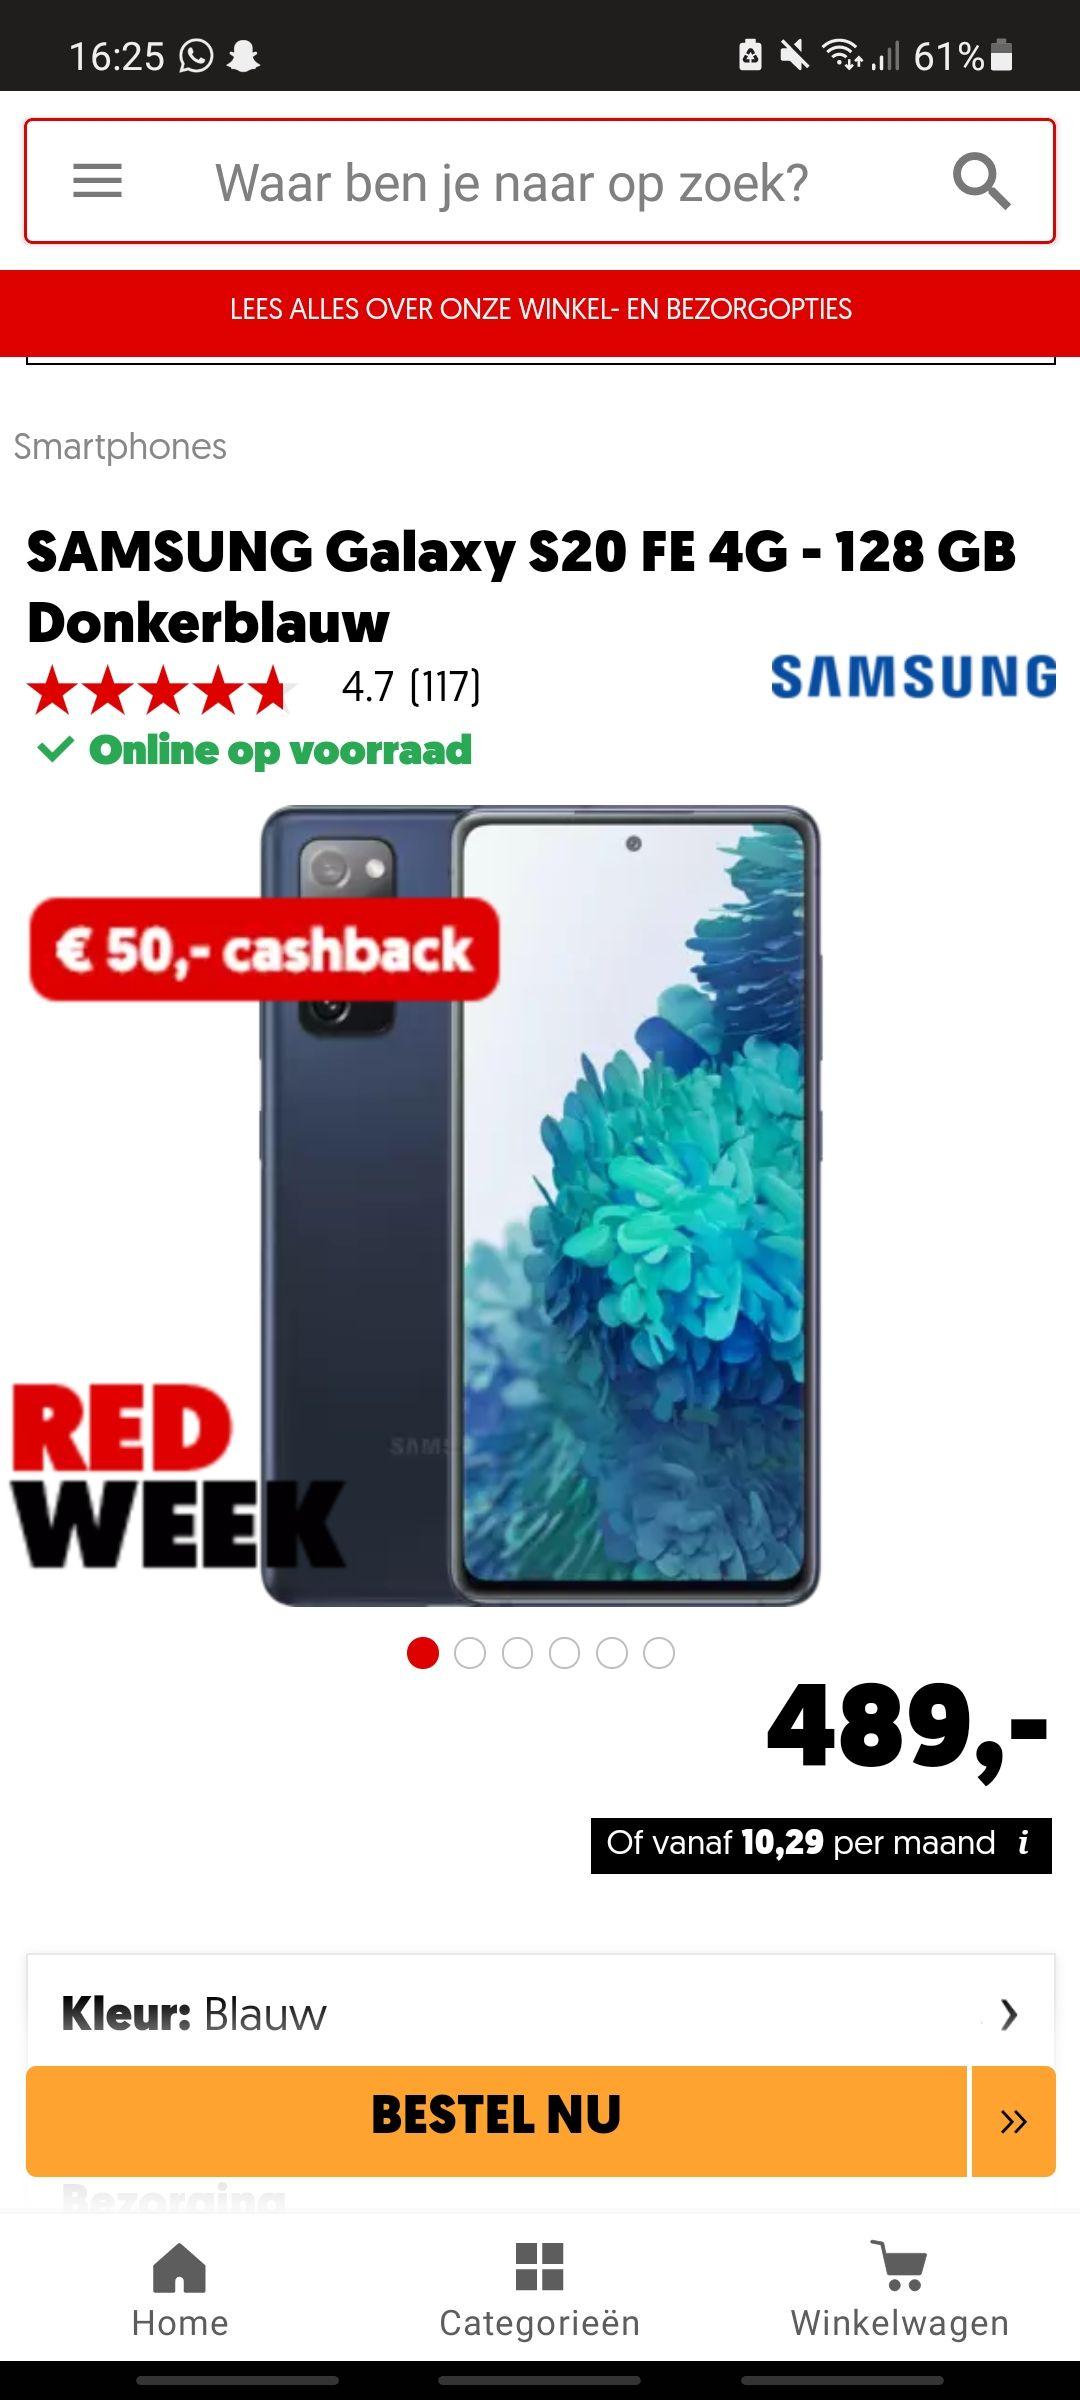 Samsung Galaxy FE 4G - 128 GB